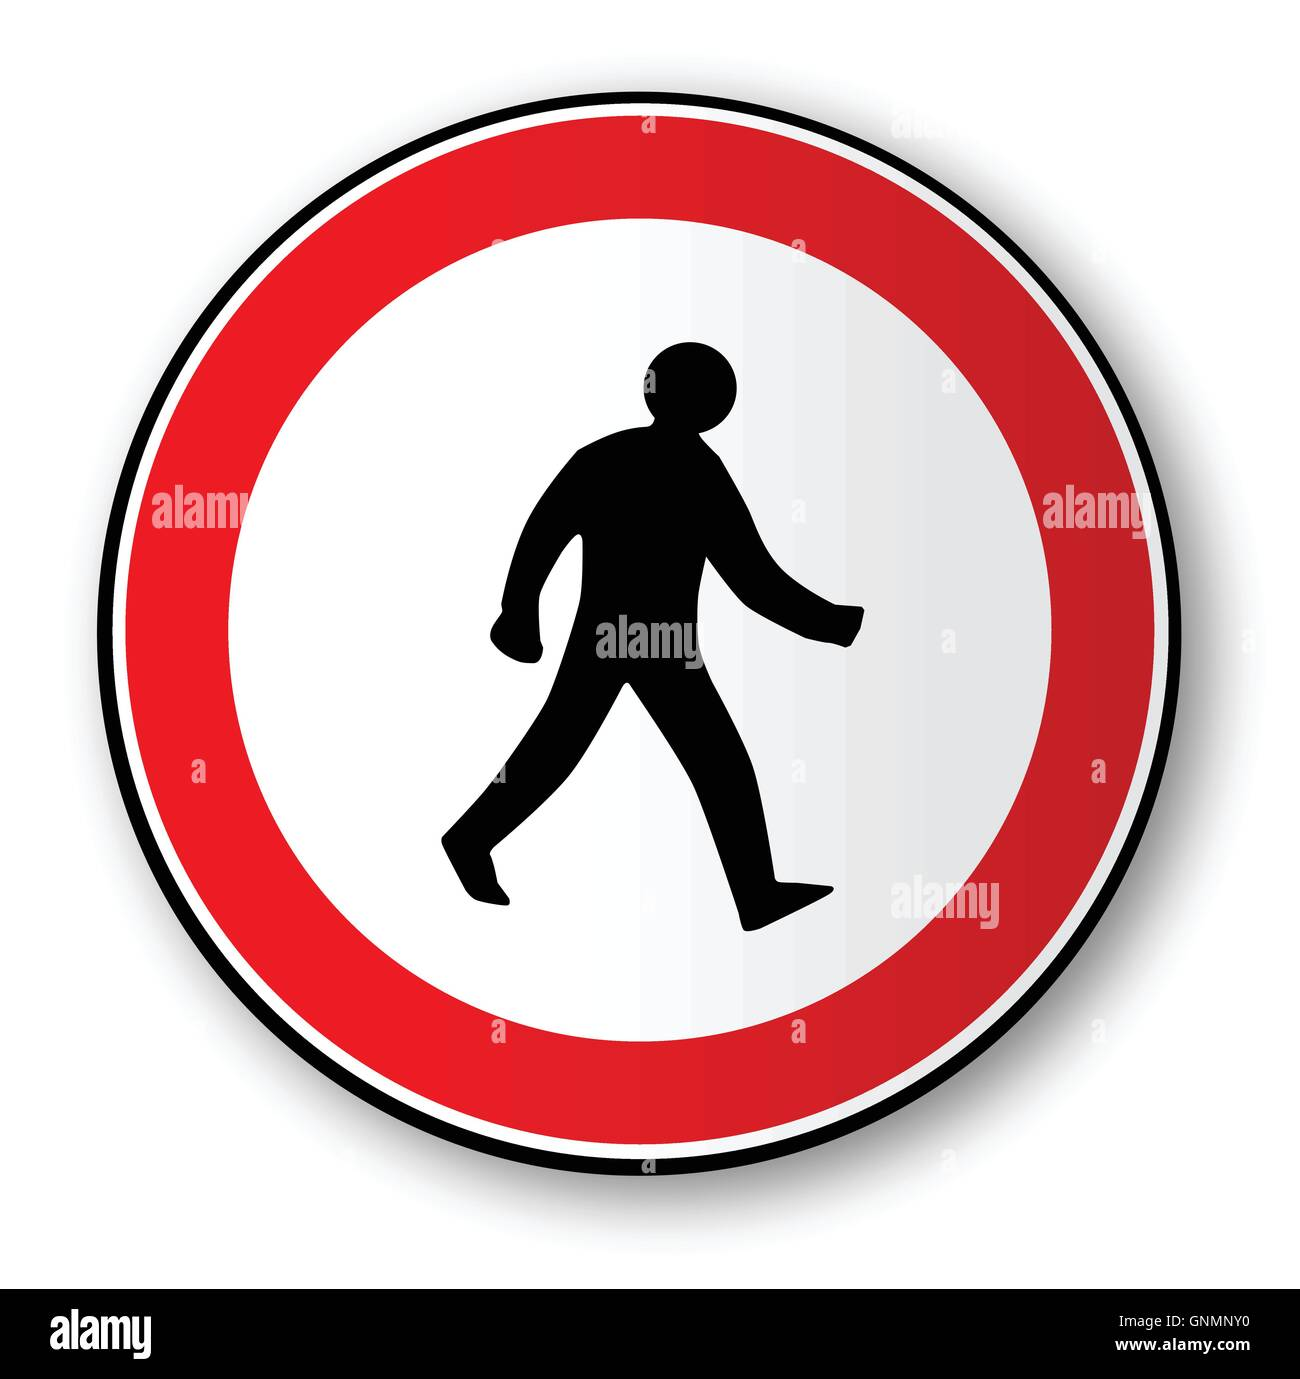 Walking Man Road Traffic Sign - Stock Image